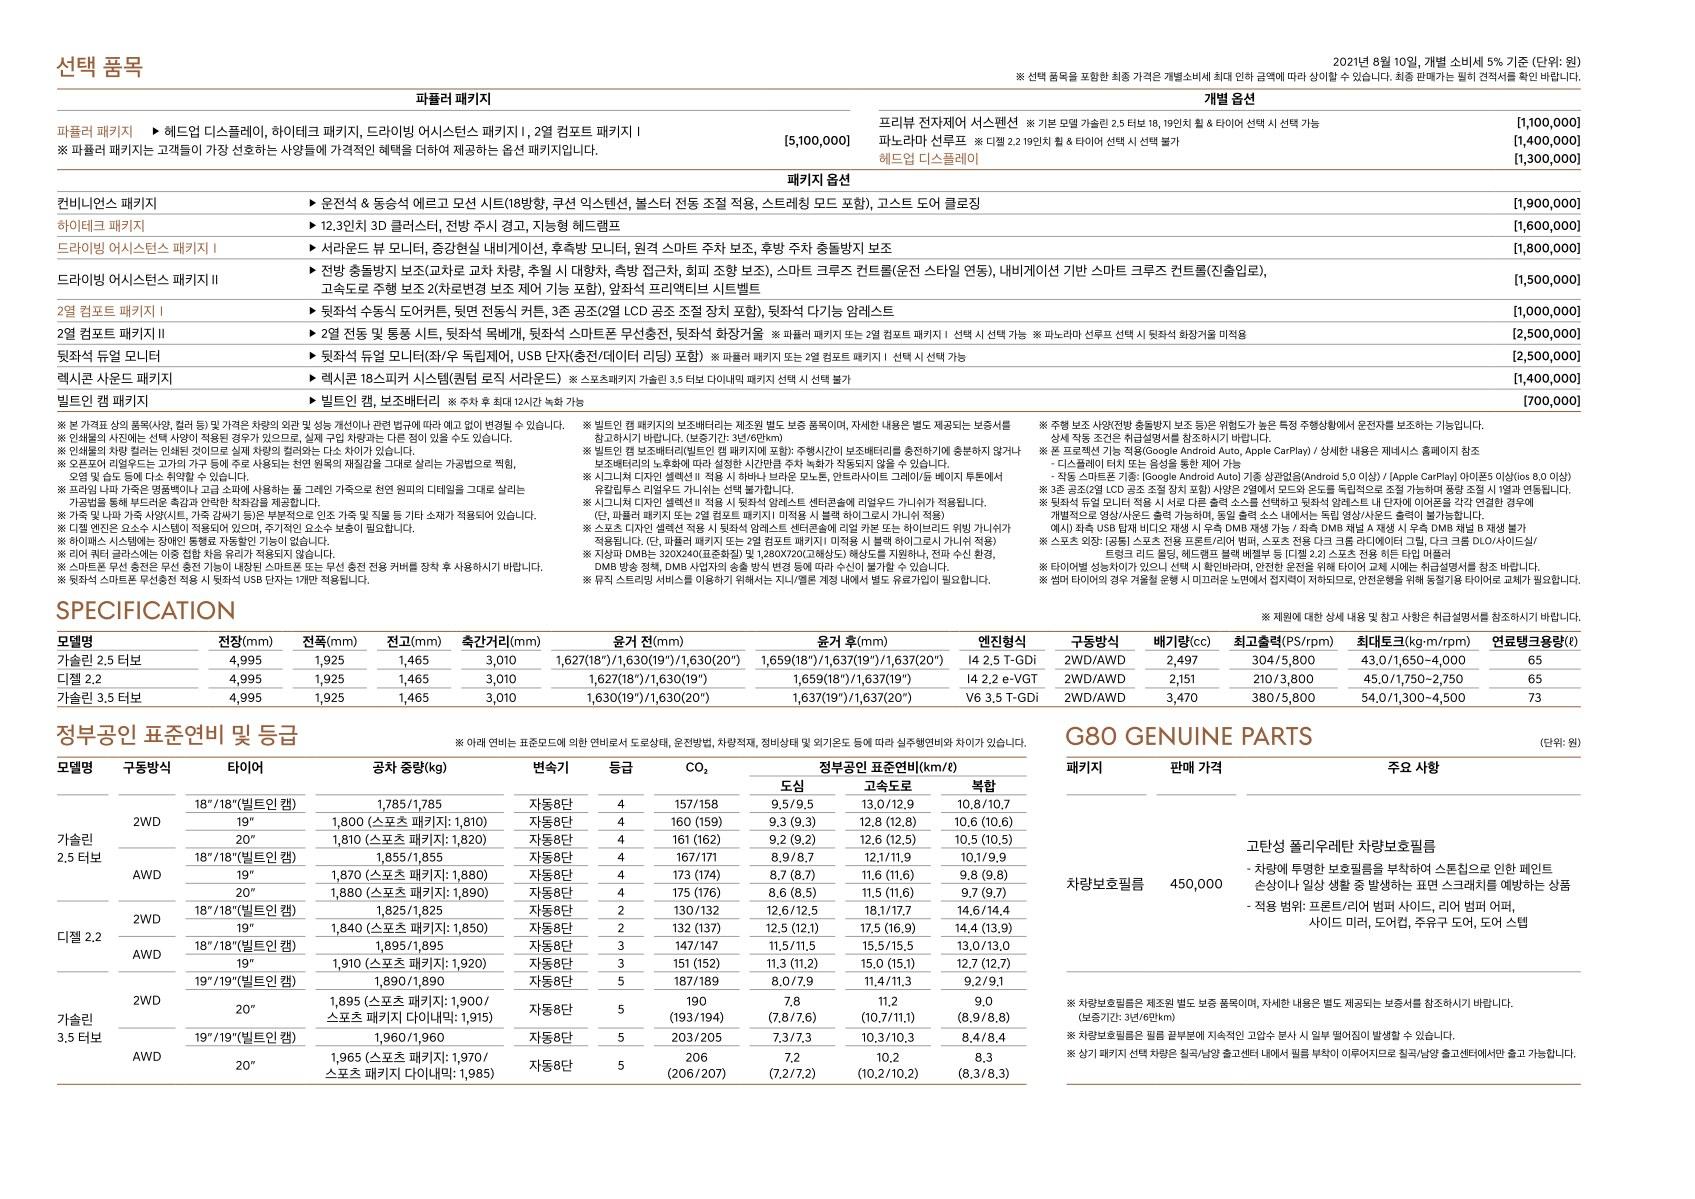 genesis-g80-22my-pricelist-kor-202108-2_03.jpg